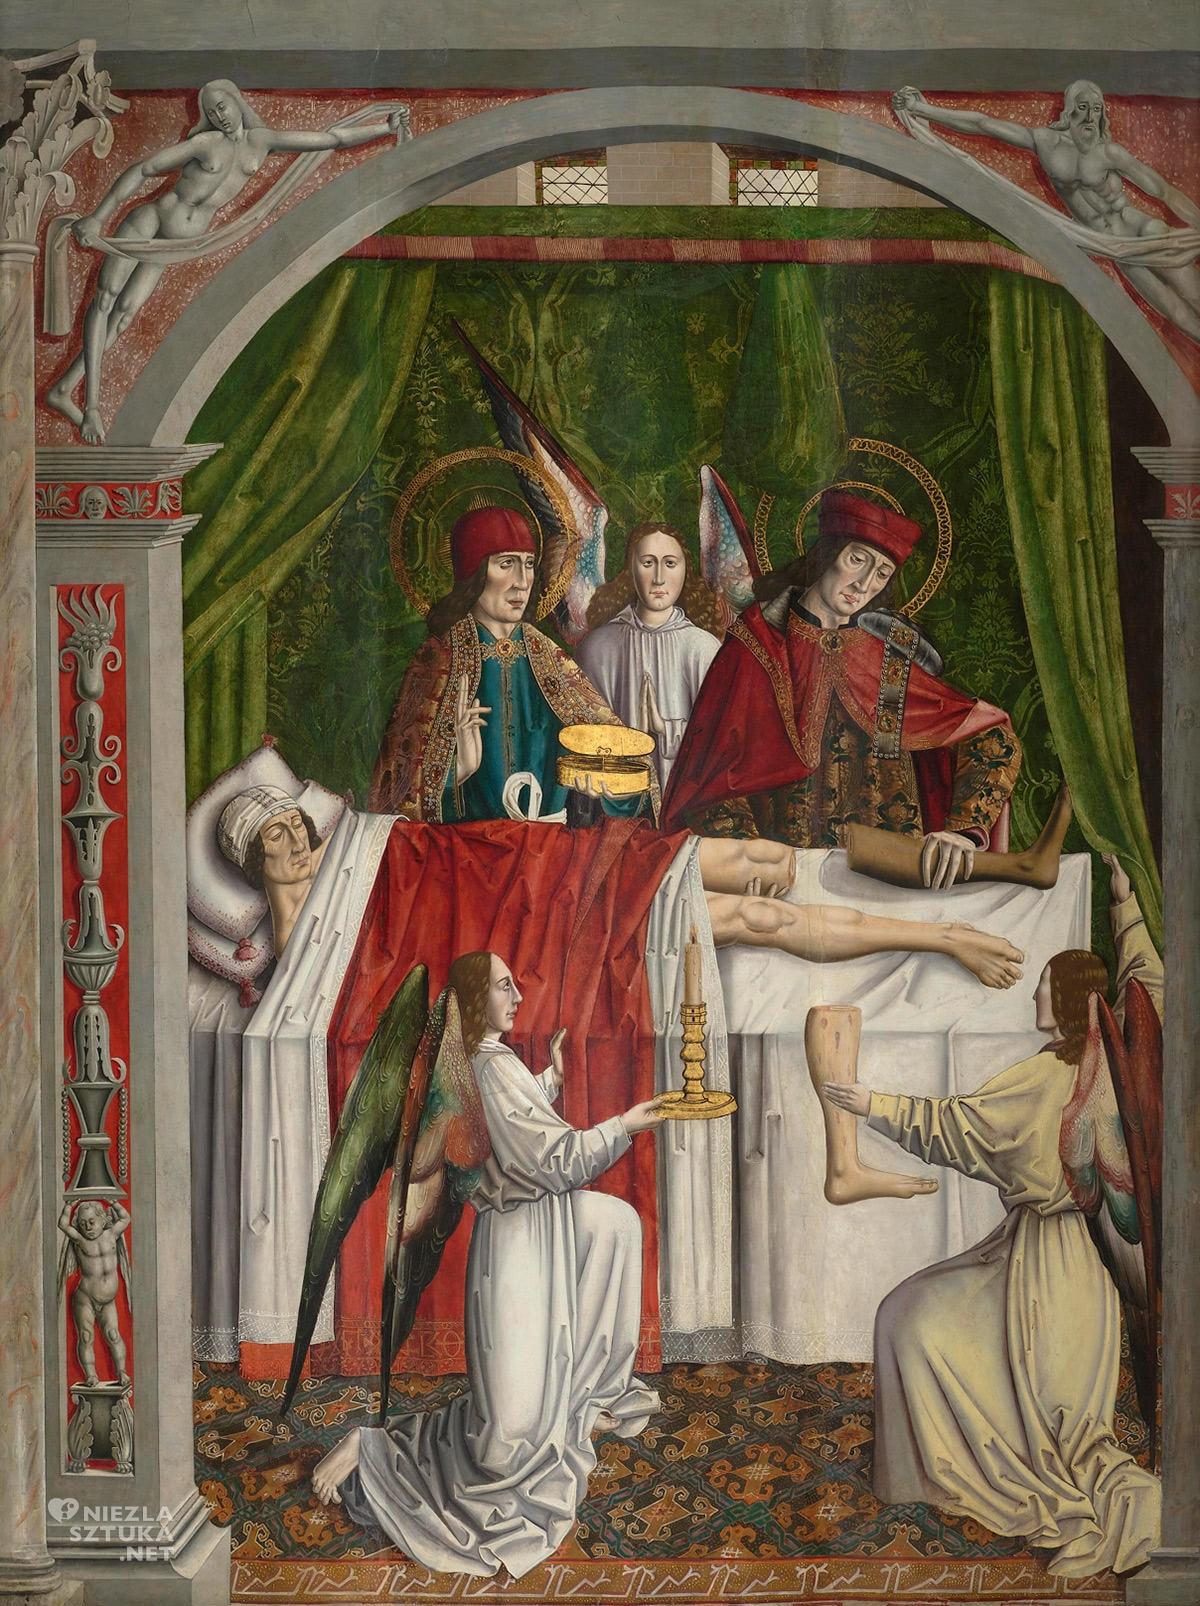 Mistrz z Los Balbases, Sen kościelnego, święty Kosma, święta Damian, cud czarnej nogi, malarstwo religijne, Niezła Sztuka